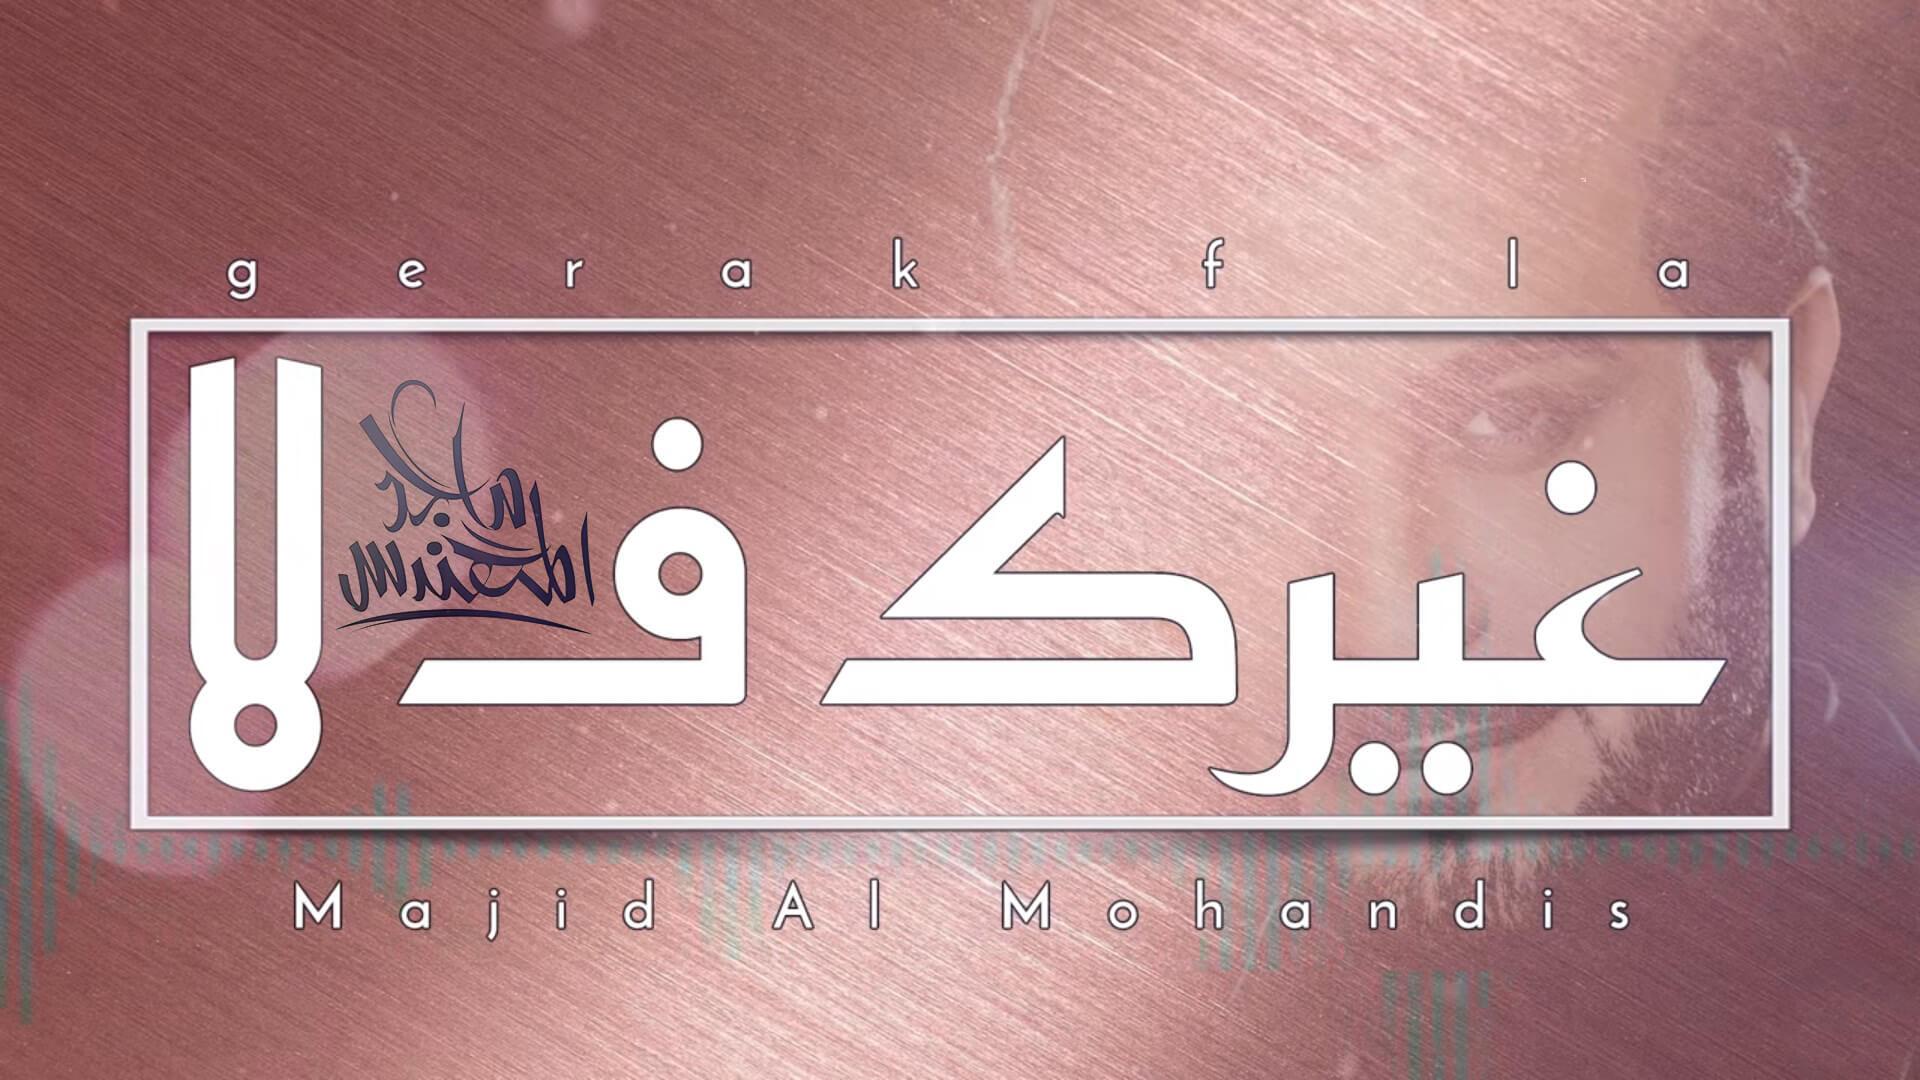 Majid Al Mohandis – Gerak F La ماجد المهندس – غيرك ف لا